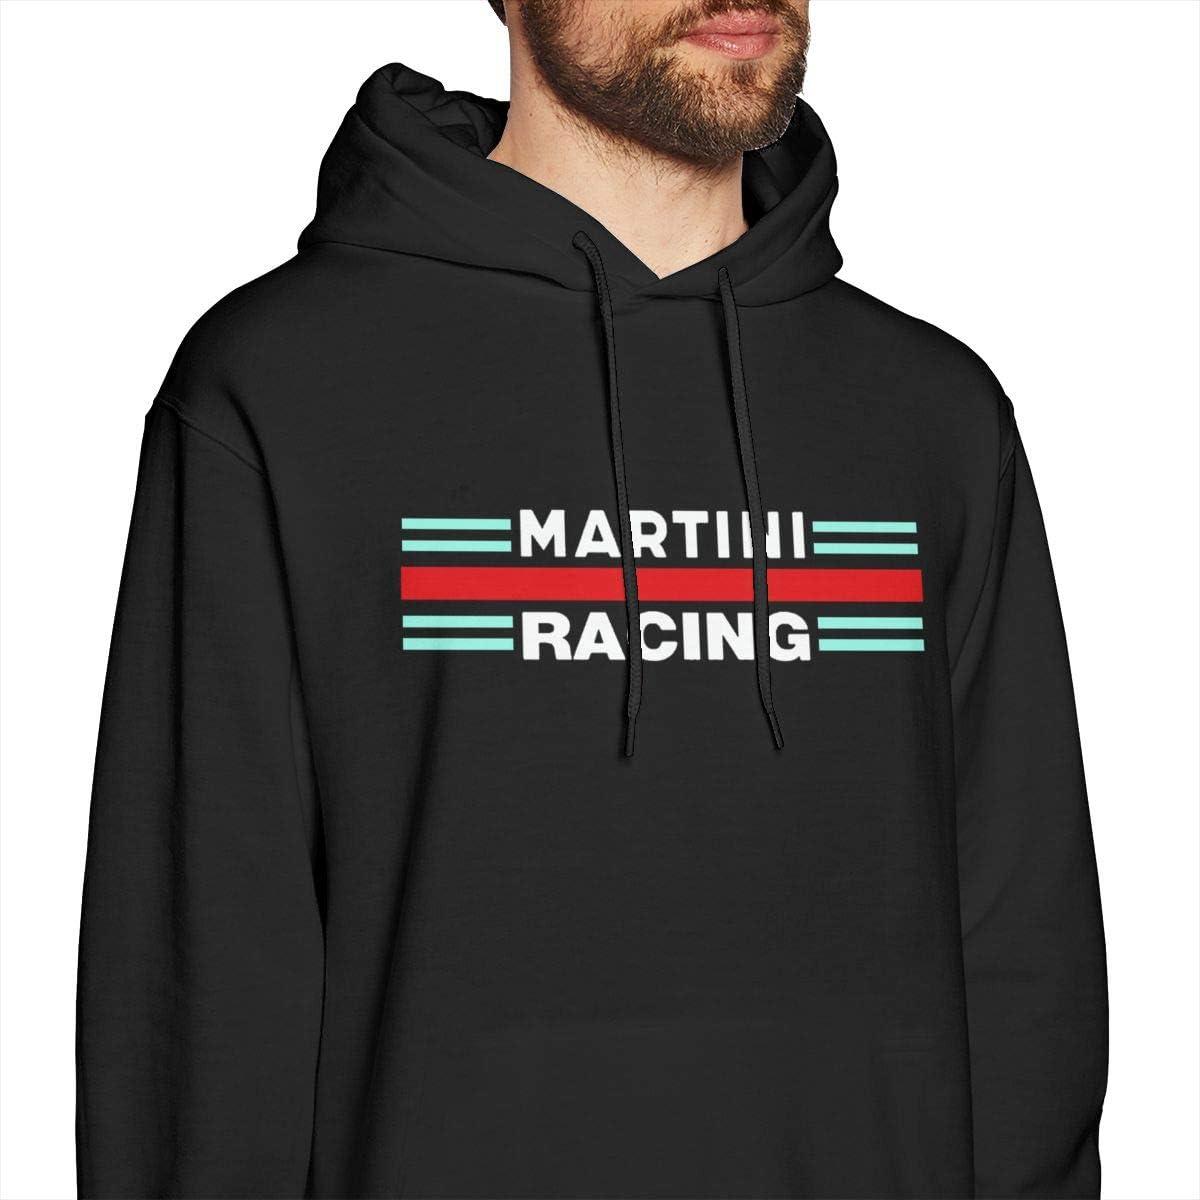 Pekivide Man Martini Racing Soft Black Hoodie Sweatshirt Jacket Pullover Tops